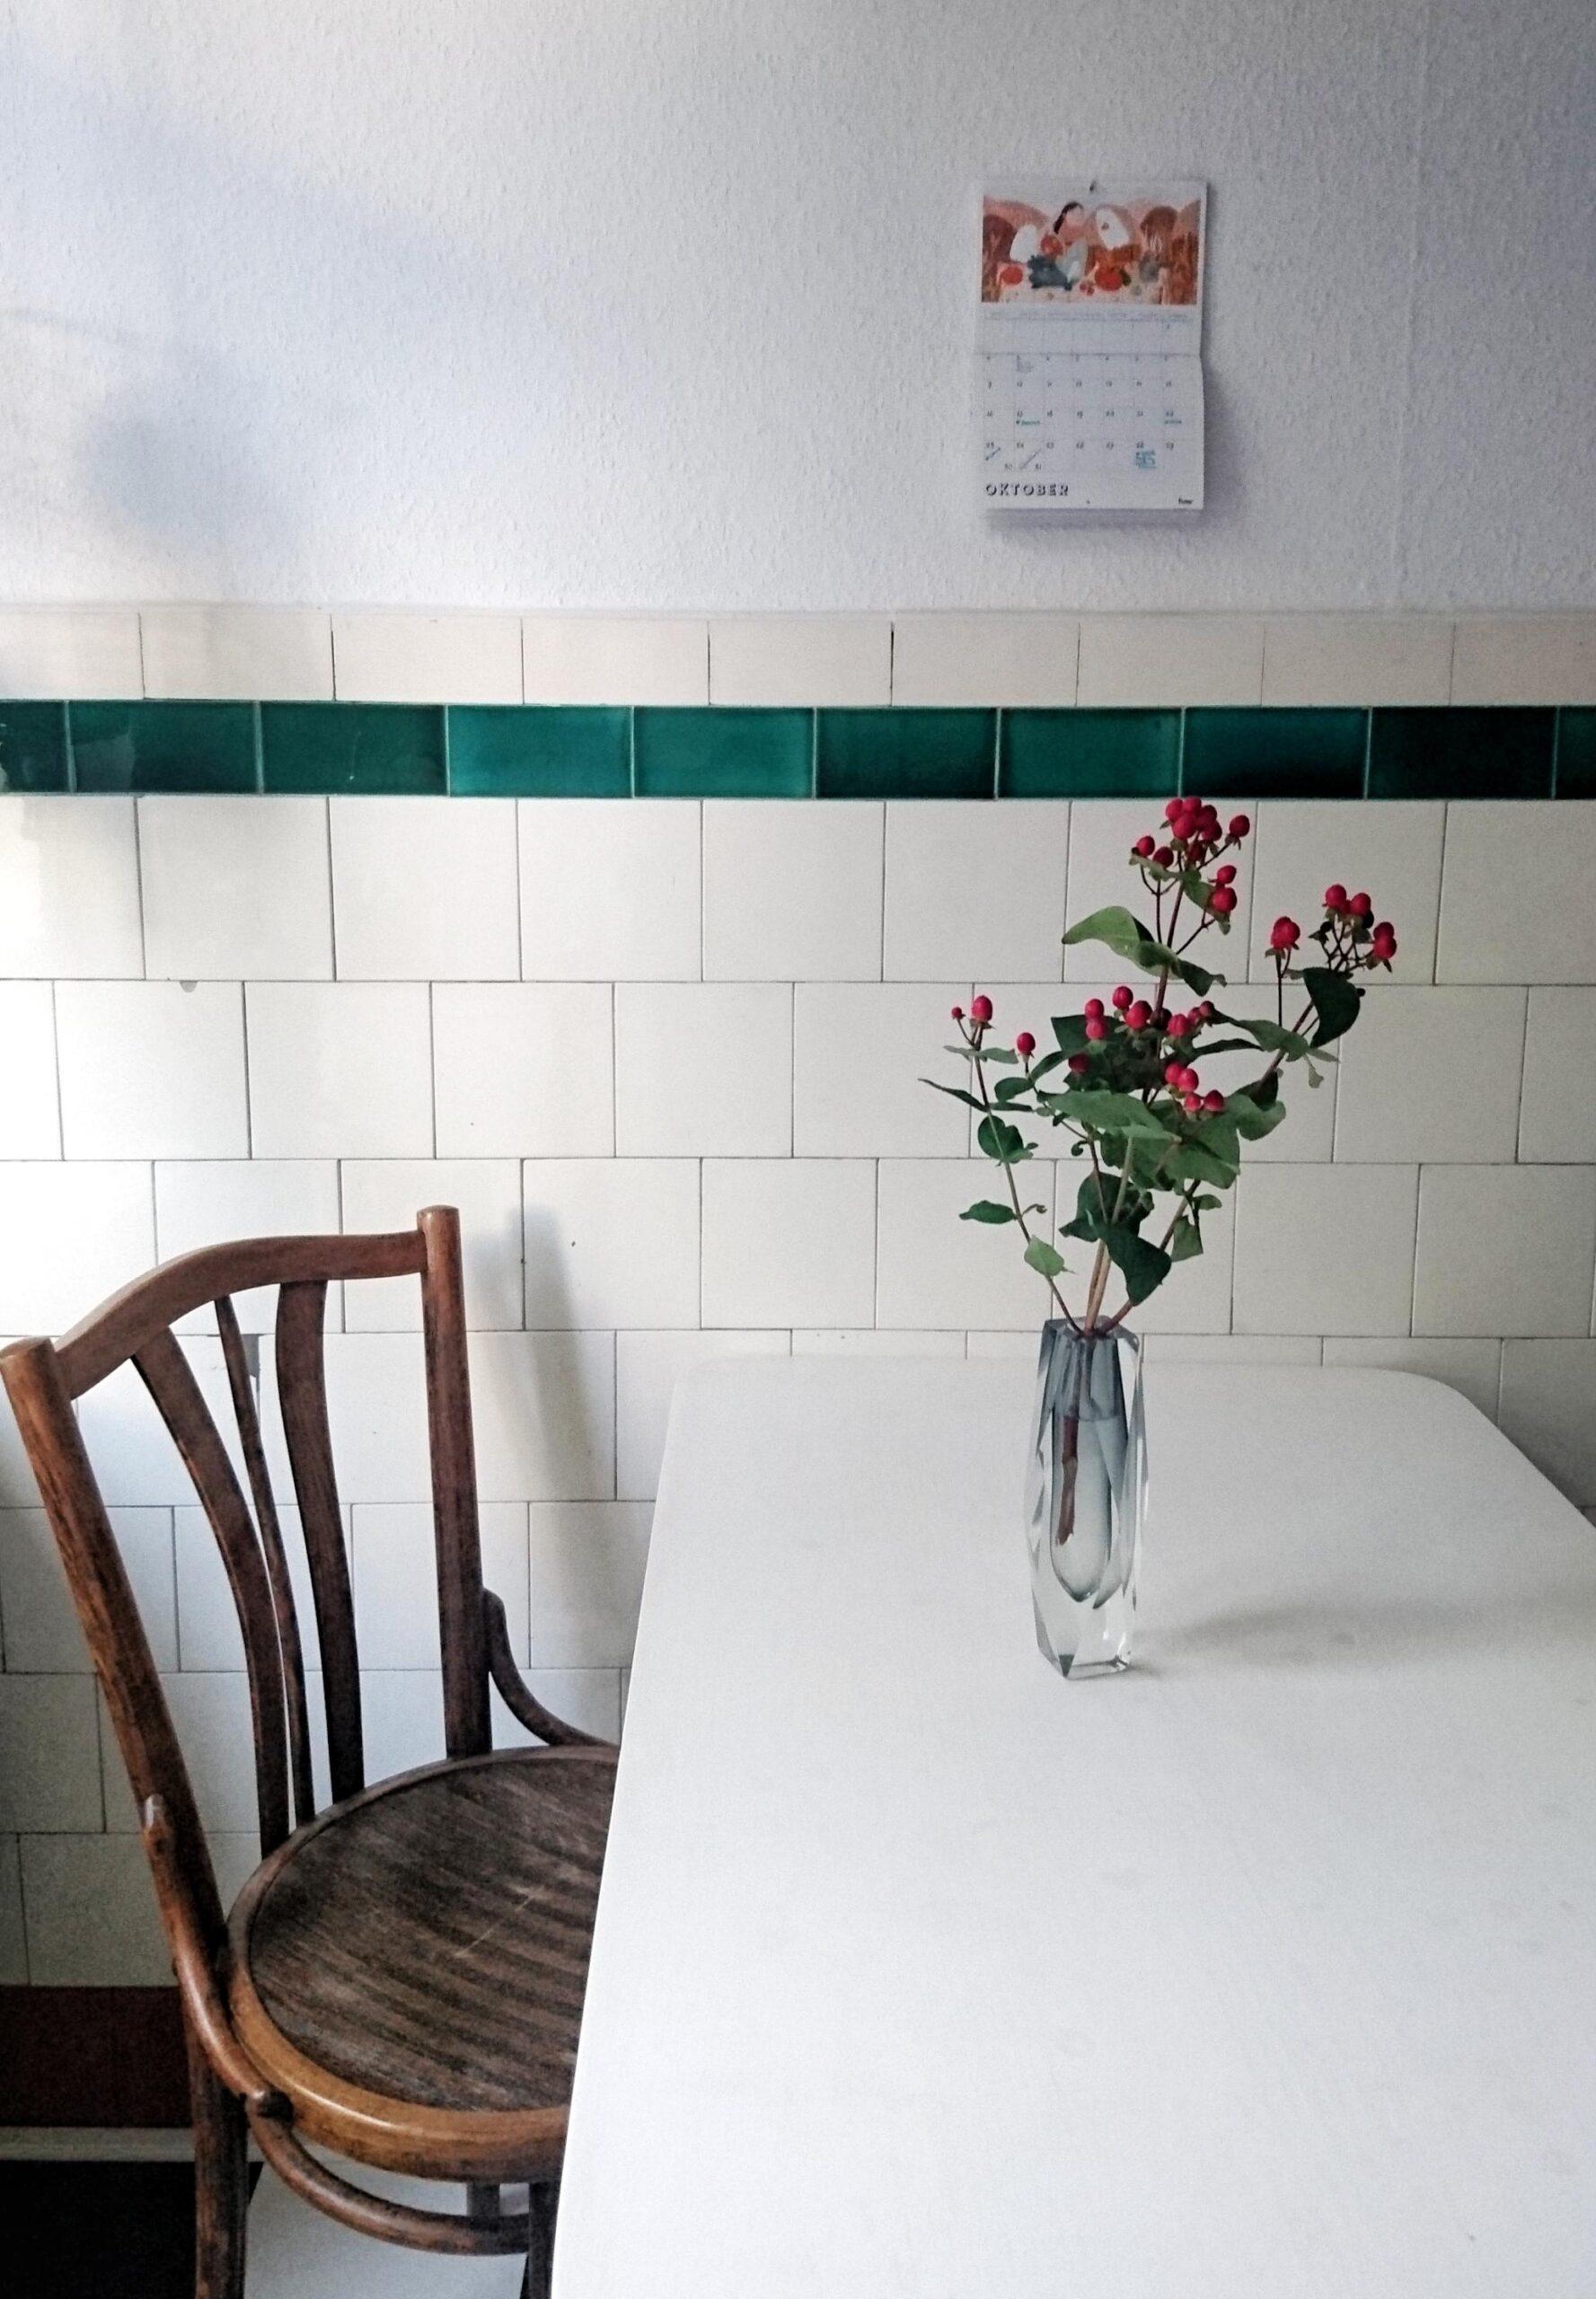 Full Size of Farbe In Der Kche So Wirds Wohnlich Wandregal Küche Landhaus Modul Schubladeneinsatz Bad Griesbach Fürstenhof Einbauküche L Form Nobilia Billige Vinylboden Wohnzimmer Wandfarben Für Küche